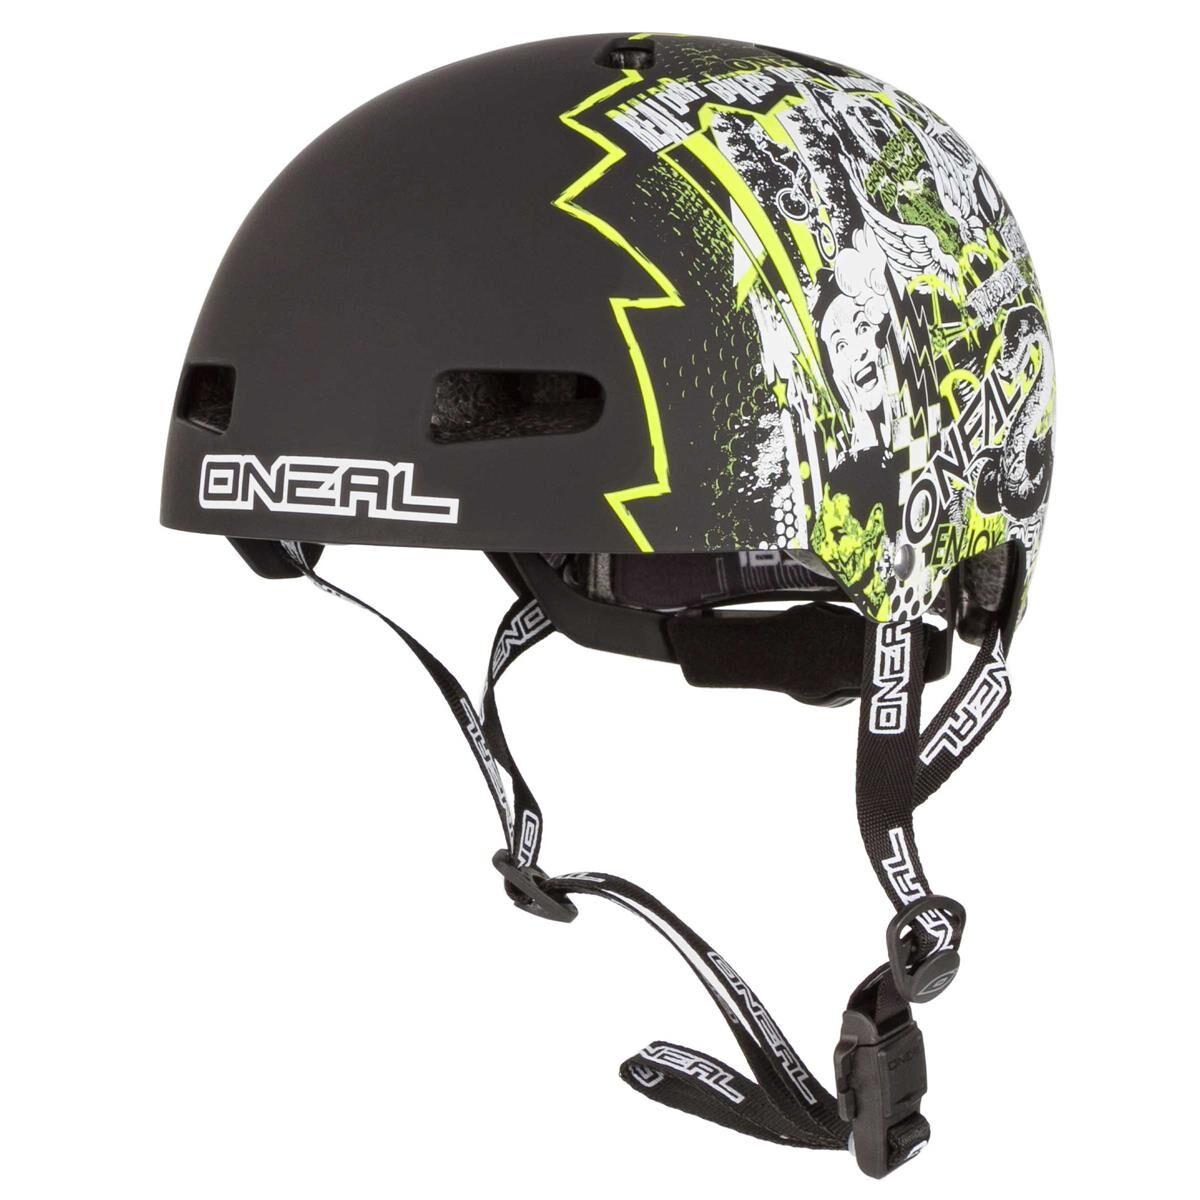 O'Neal Casco BMX/Dirt Dirt Lid ZF Rift